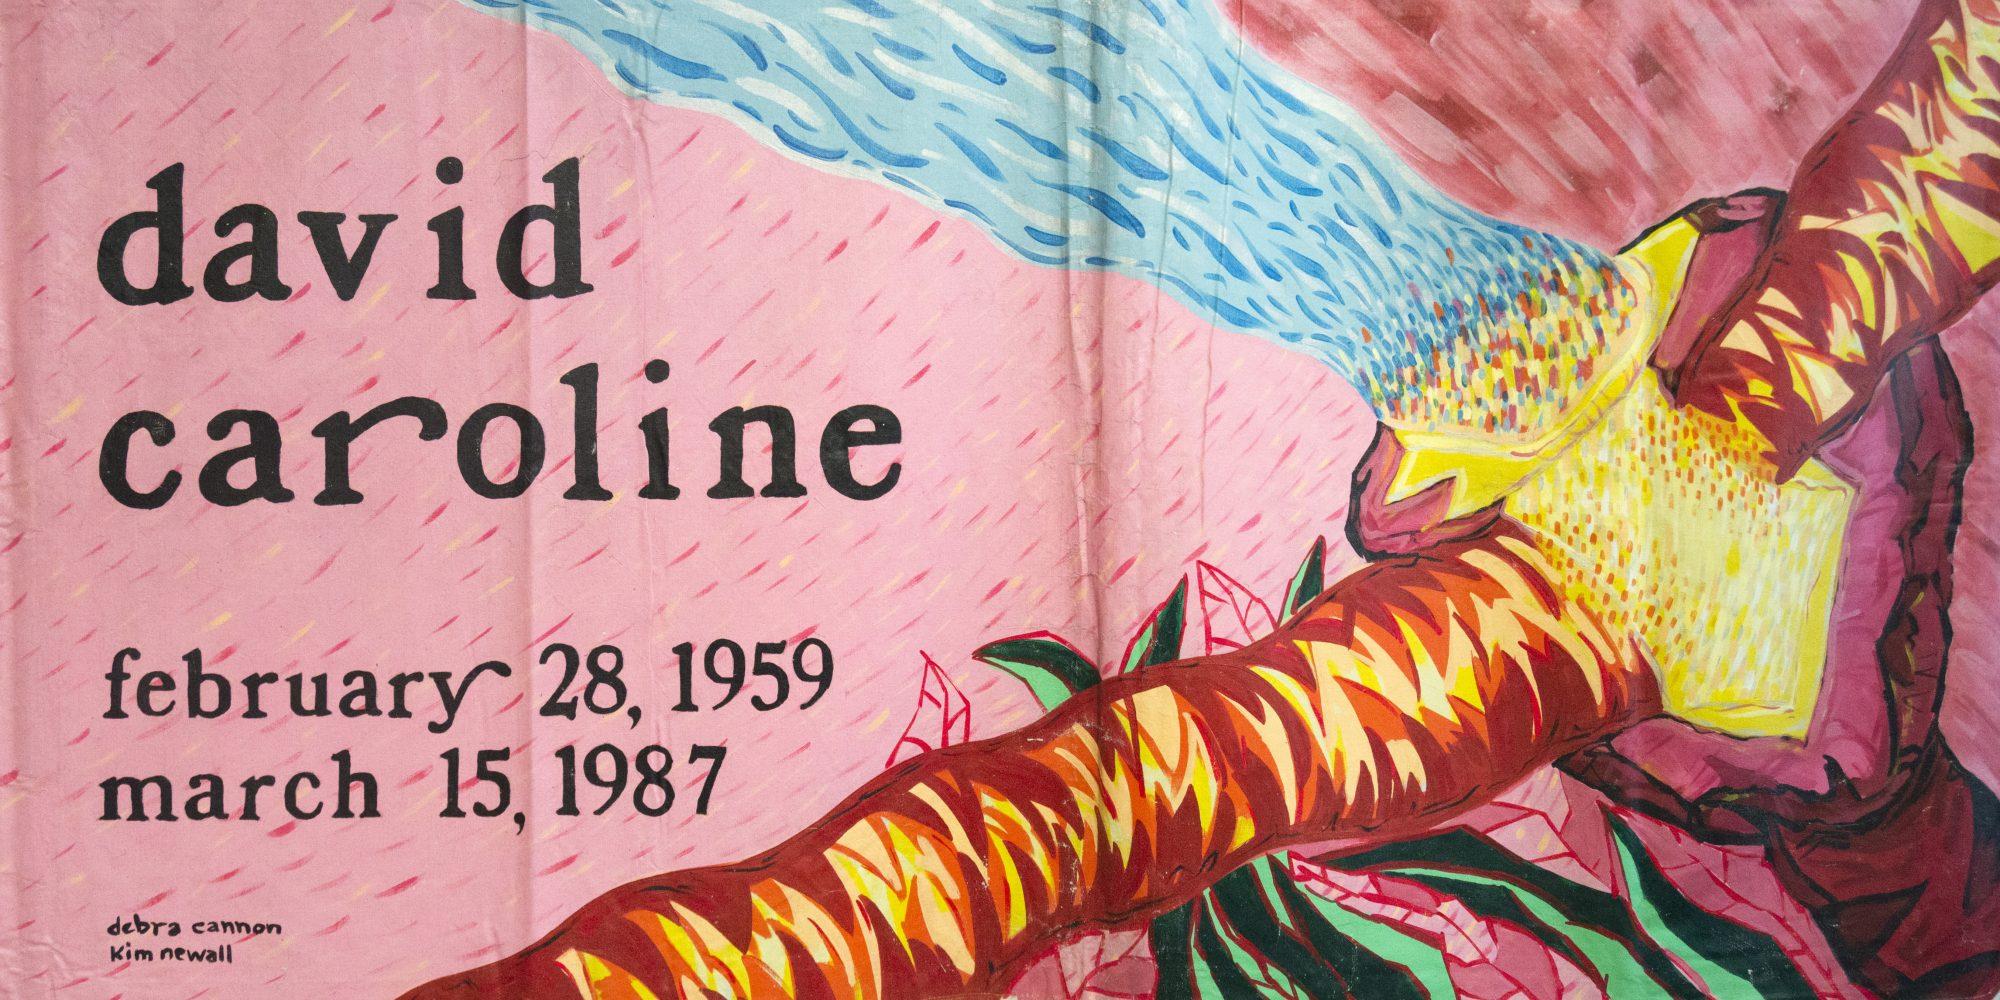 AIDS Memorial Quilt, David Caroline